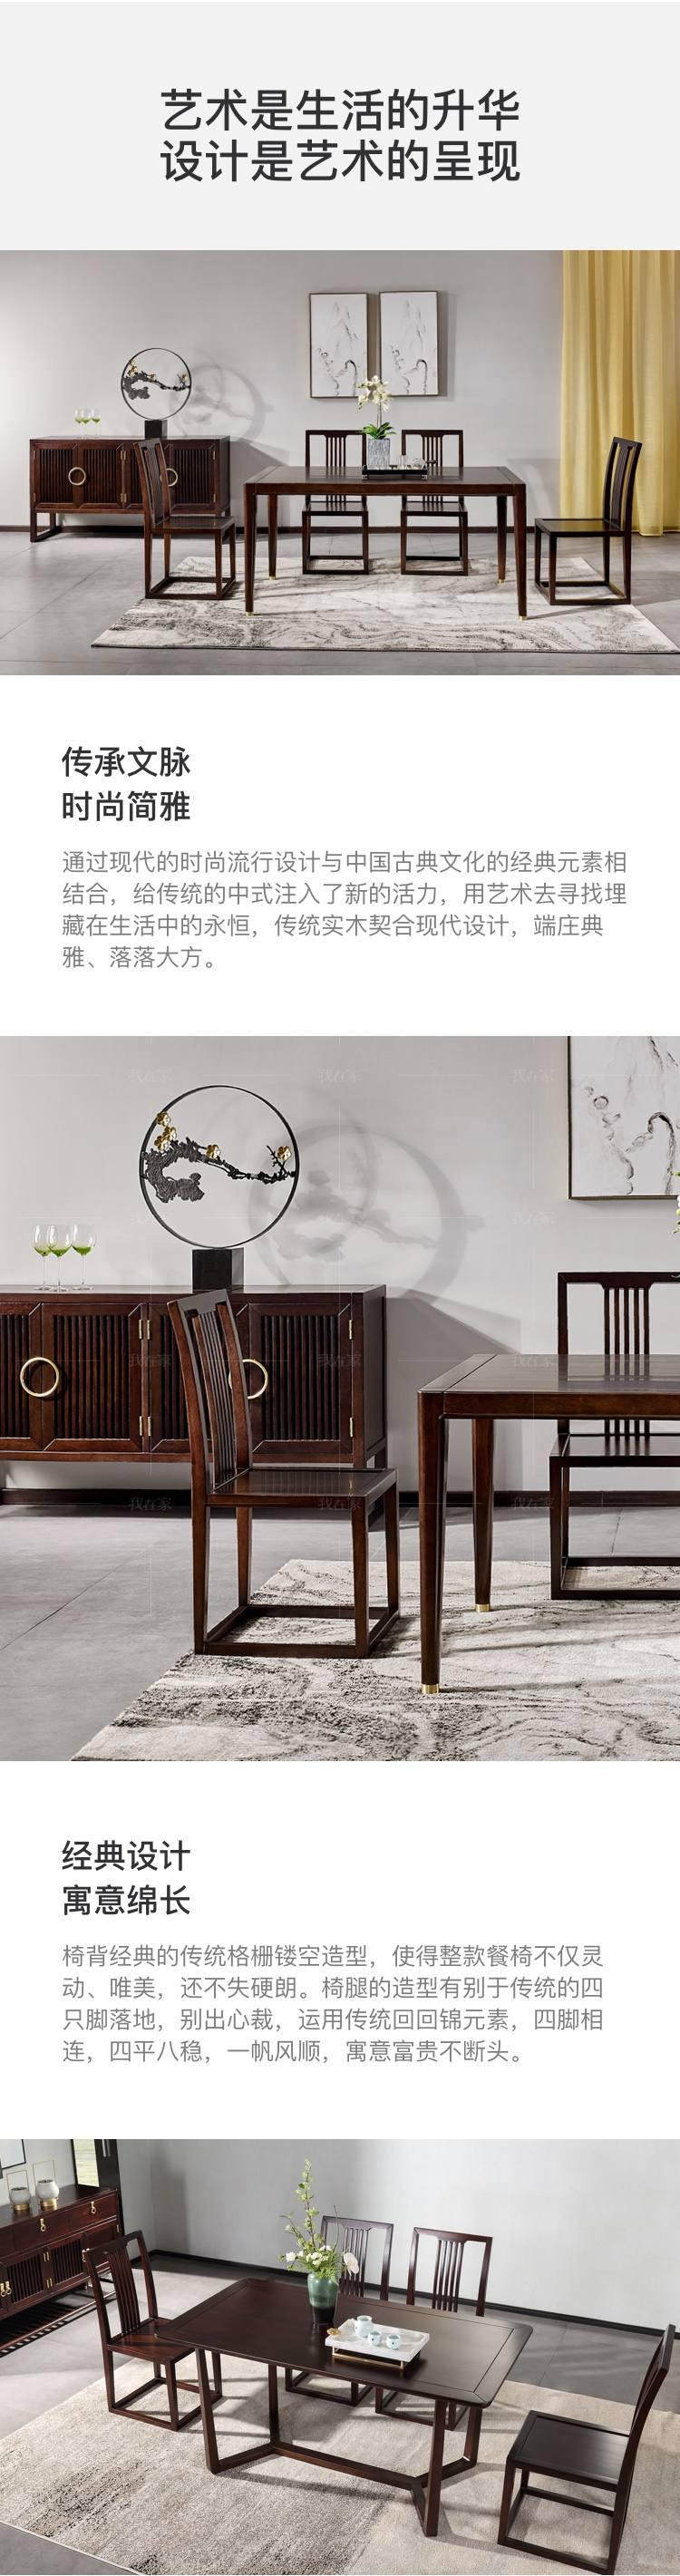 新中式风格疏影餐椅(2把)的家具详细介绍